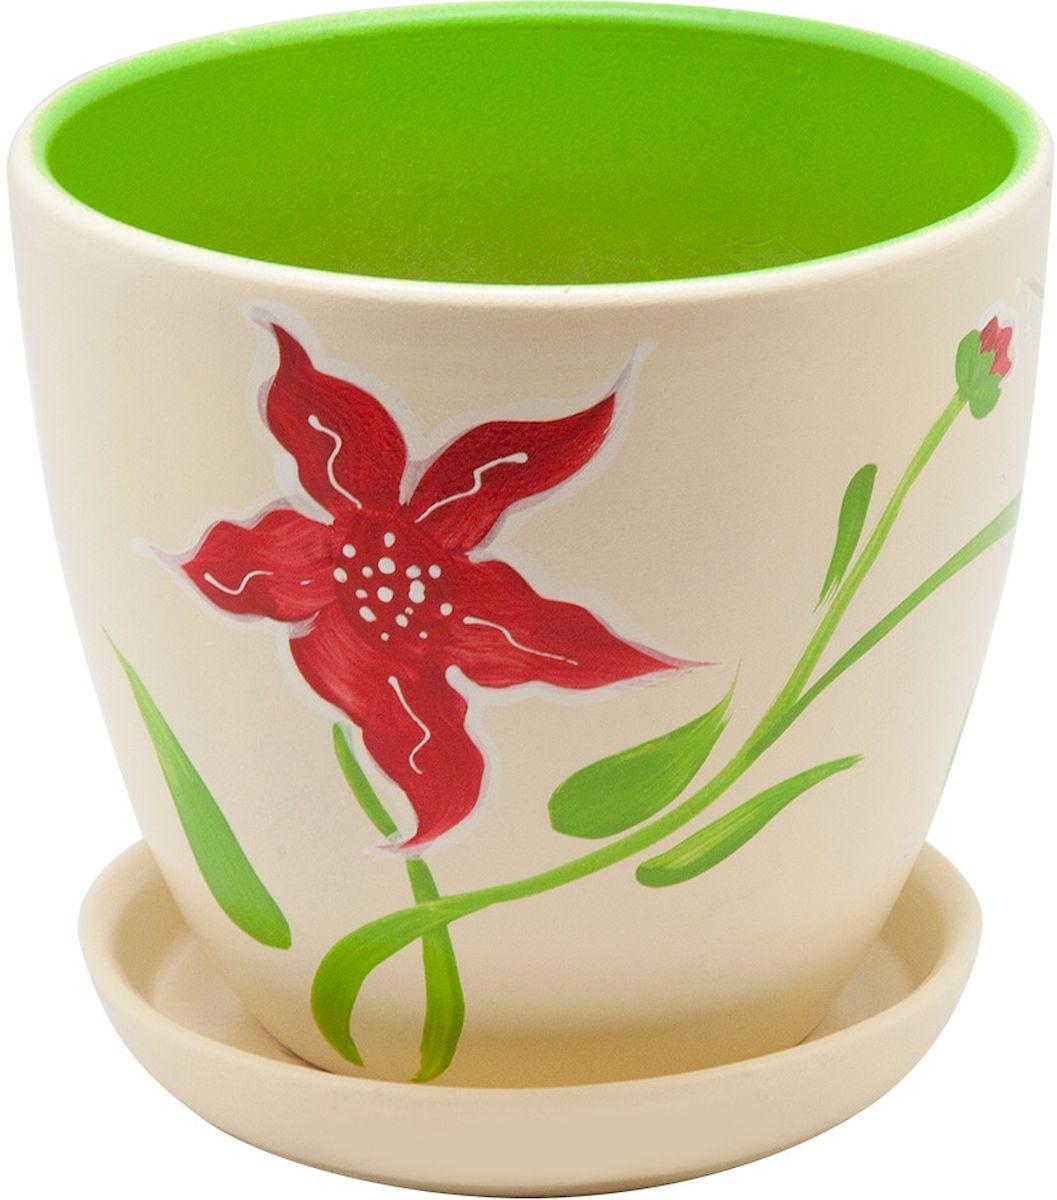 Горшок цветочный Engard, с поддоном, 1,4 л. BH-15-1BH-15-1Керамический горшок Engard - это идеальное решение для выращивания комнатных растений и создания изысканности в интерьере. Керамический горшок сделан из высококачественной глины в классической форме и оригинальном дизайне.Объем: 1,4 л.